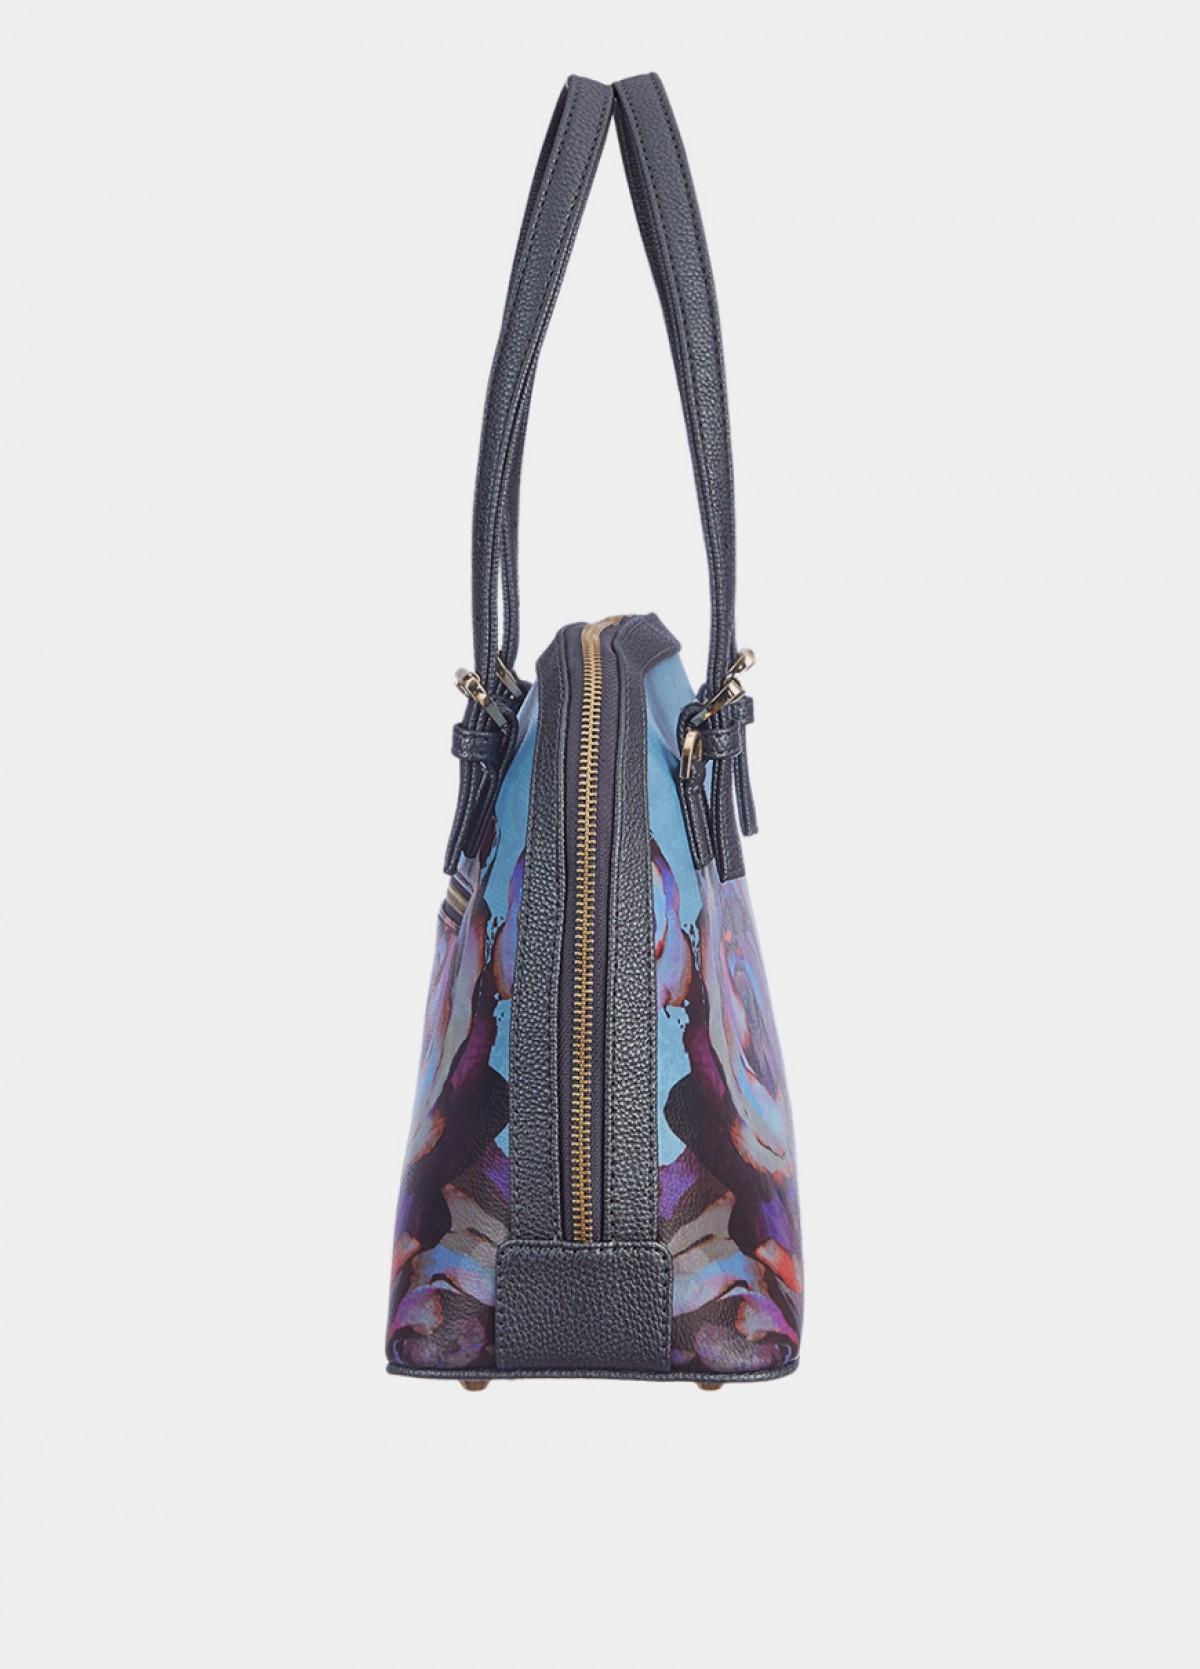 The Winter Florals D Shape Bag